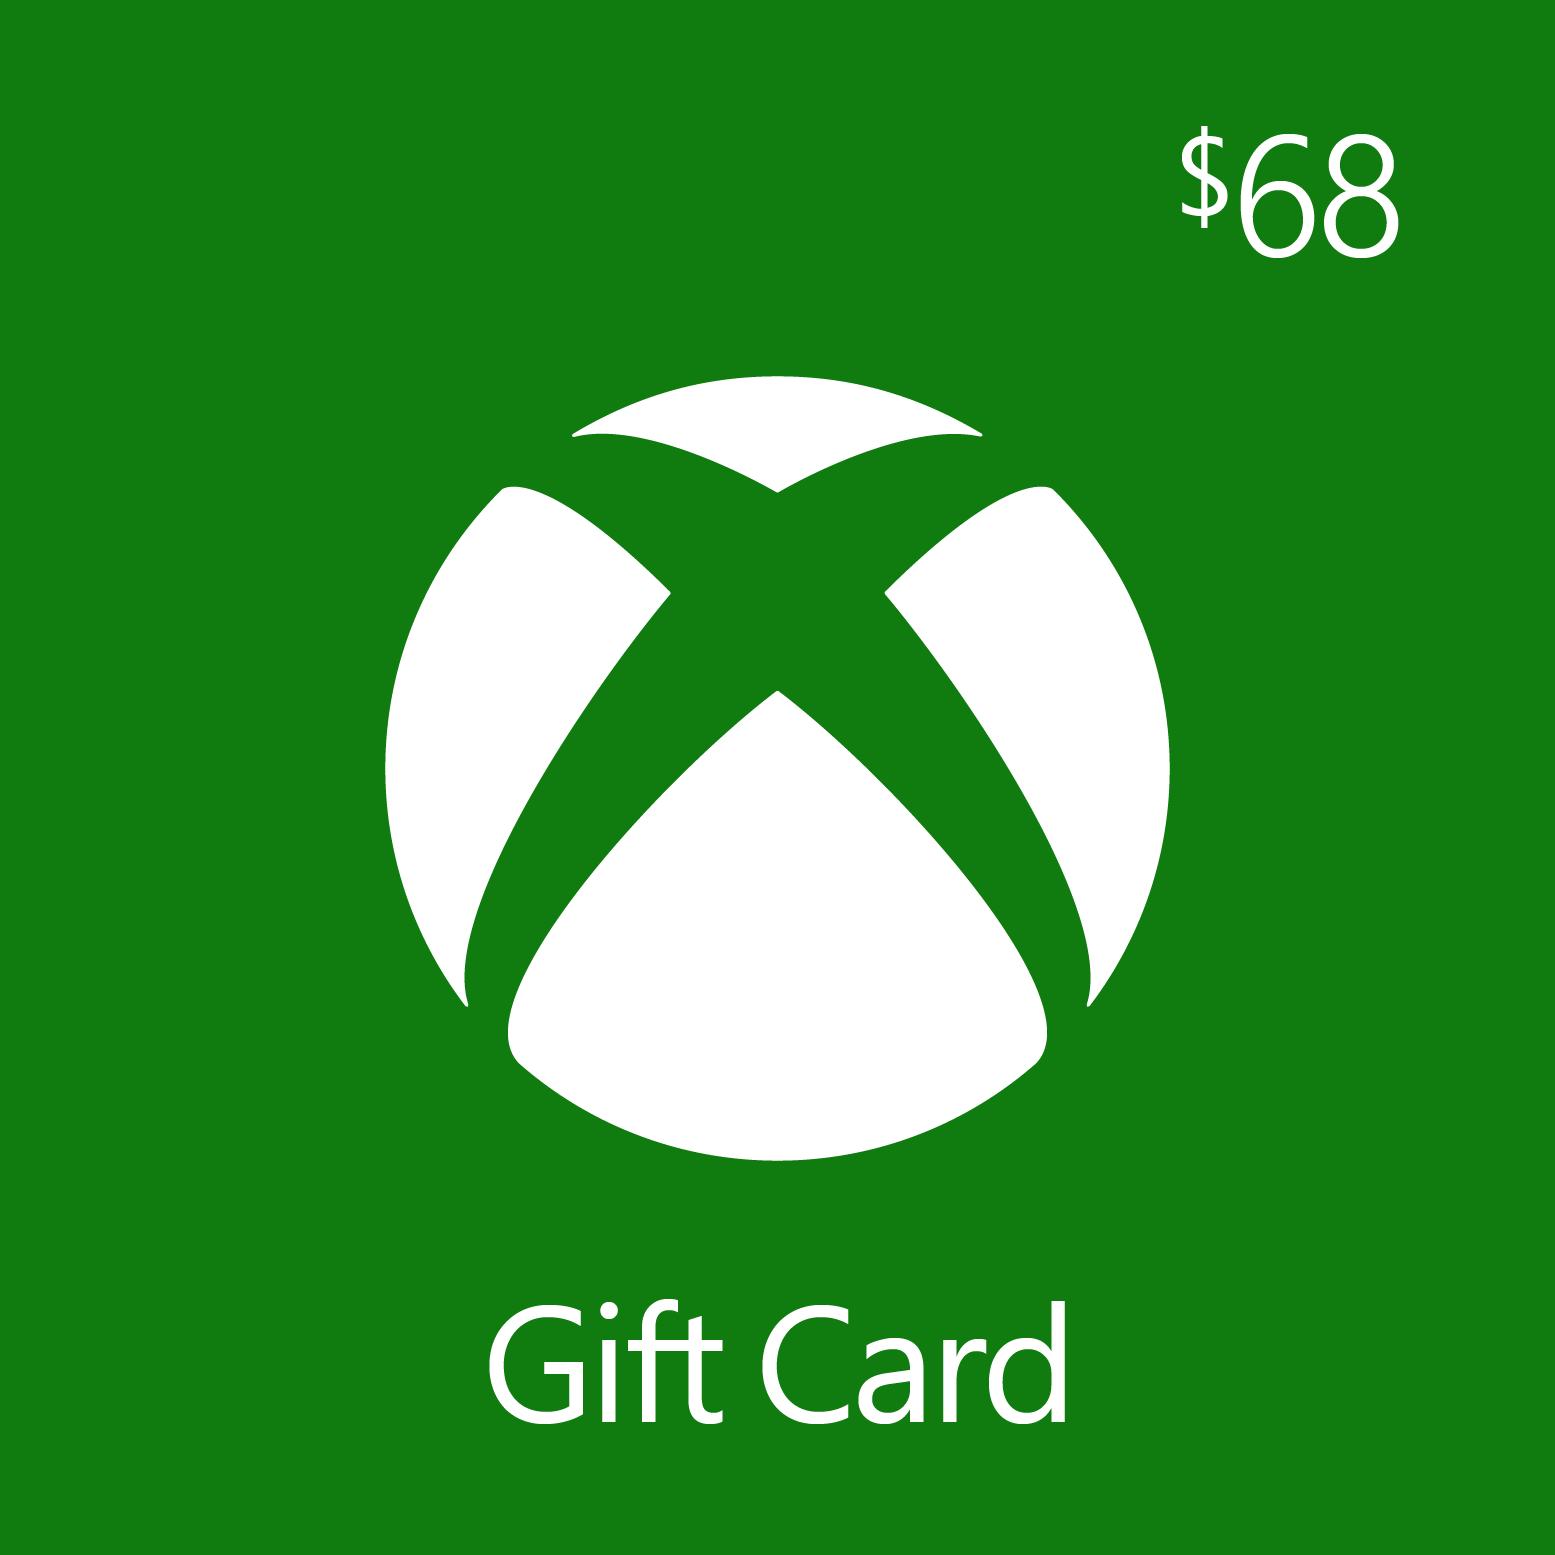 $68.00 Xbox Digital Gift Card